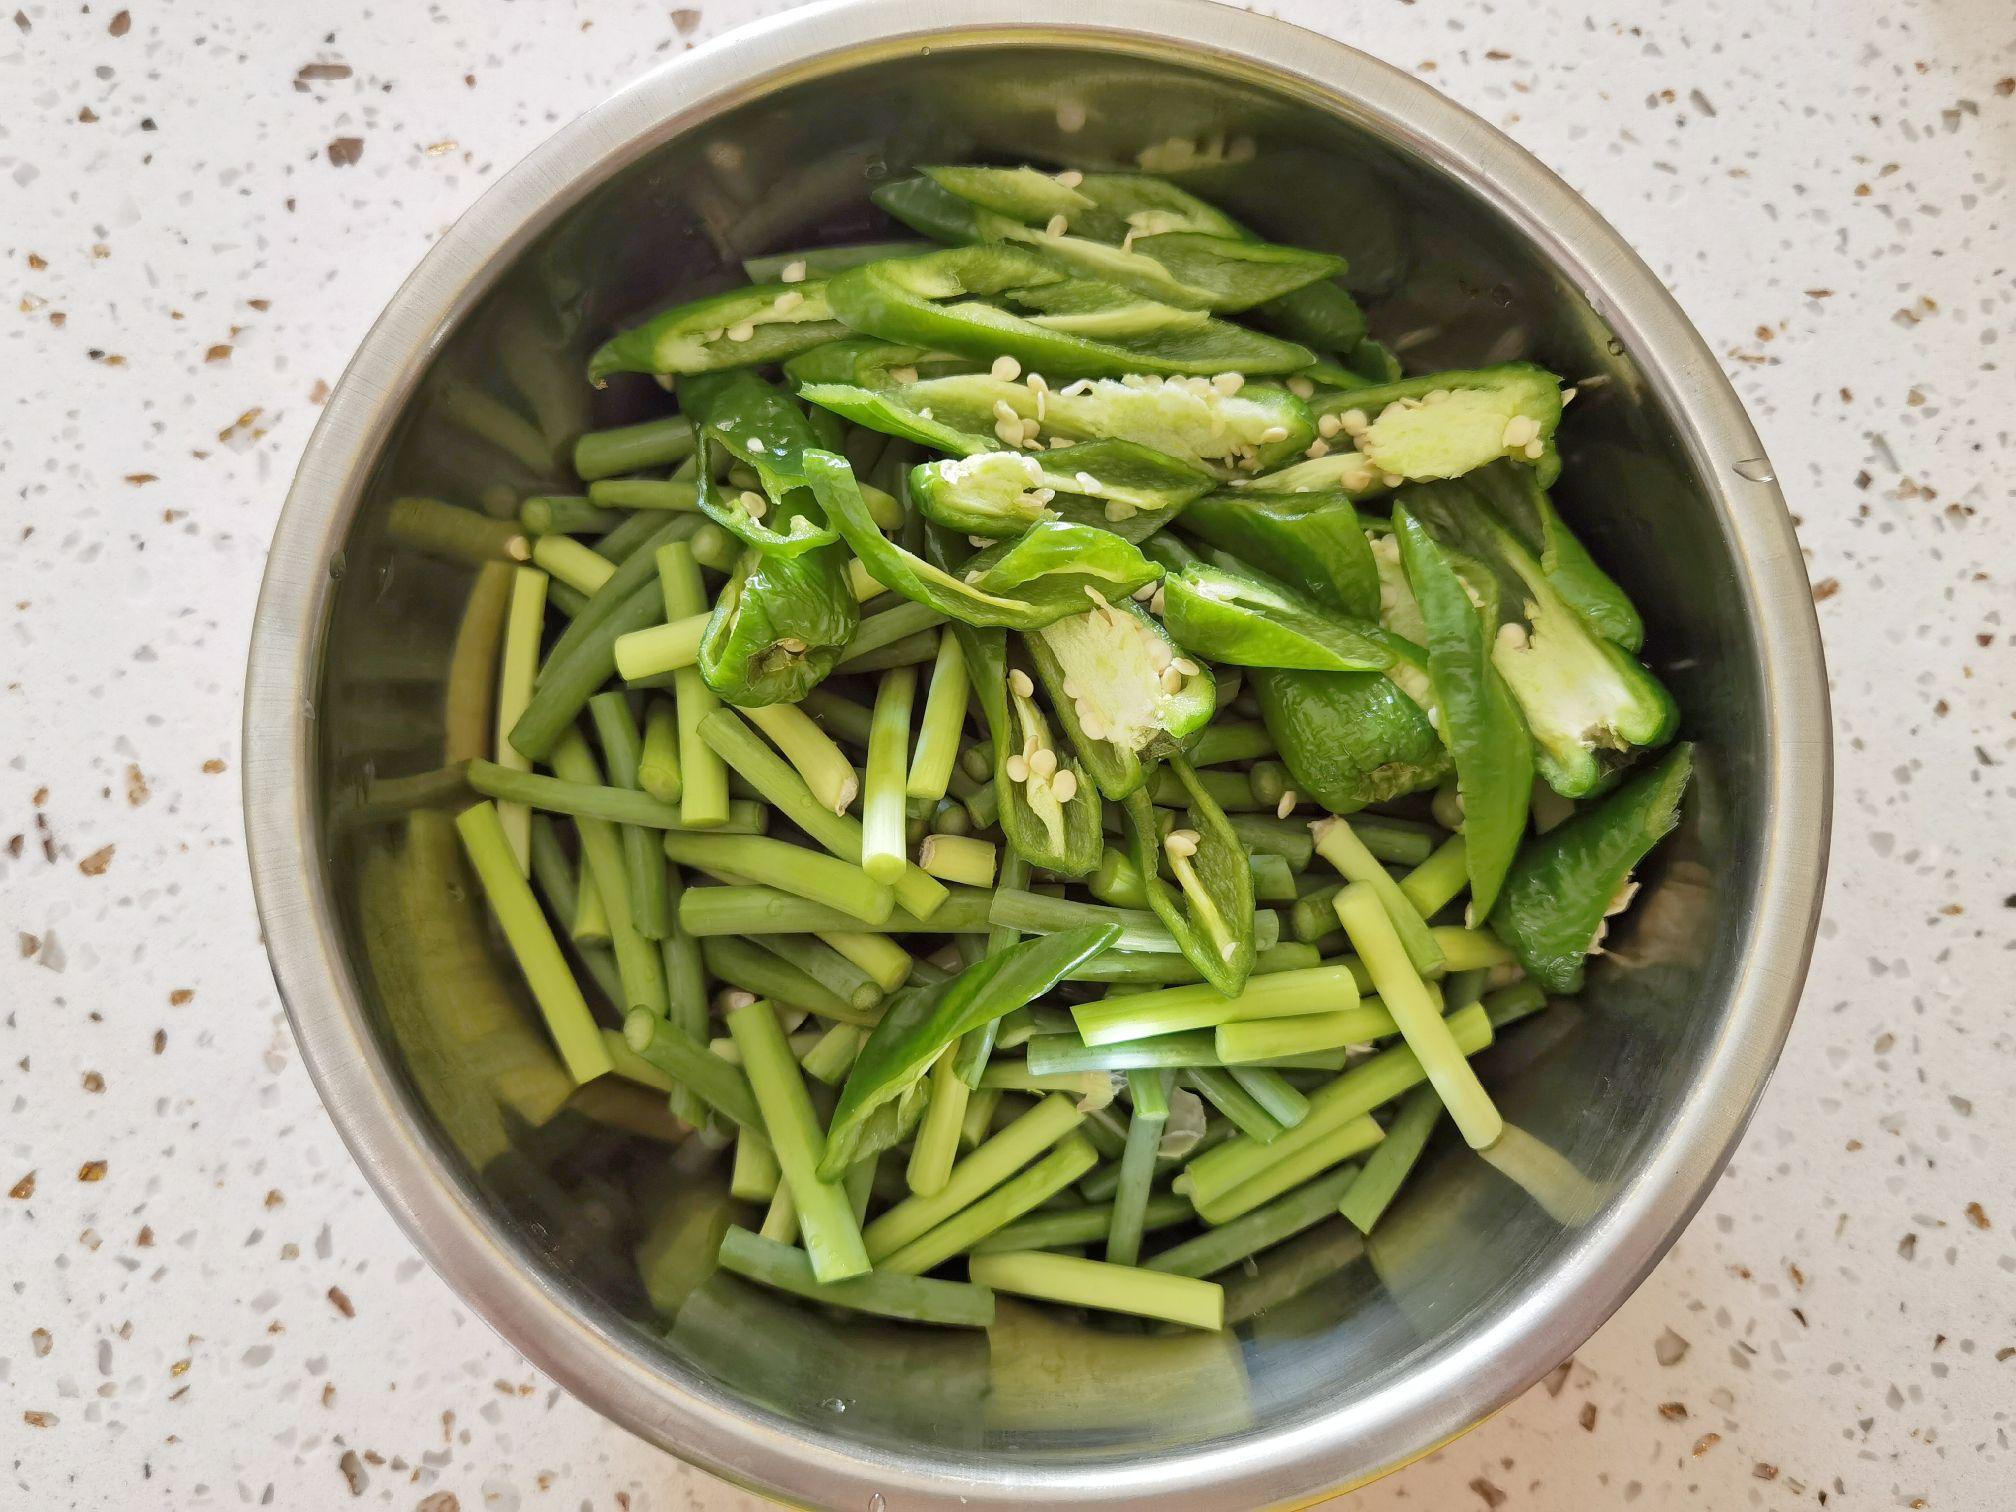 蒜苔和豆干这样炒,就算没有肉,也依然很下饭的做法大全